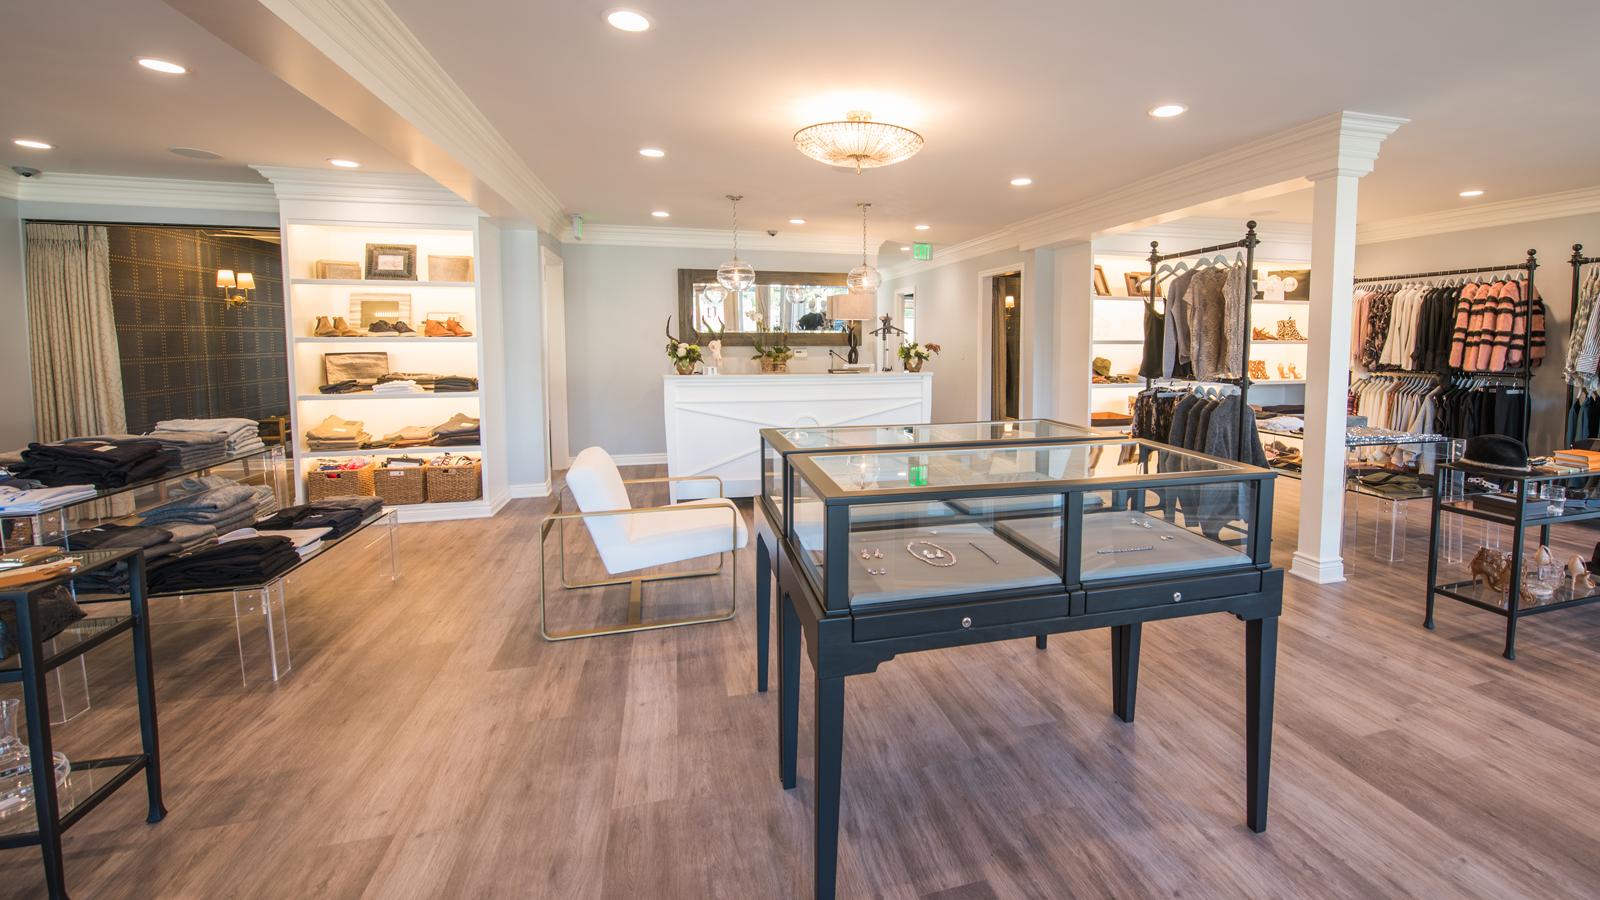 Tenue_Boutique_Detroit_luxury_retail_interior_design.jpg